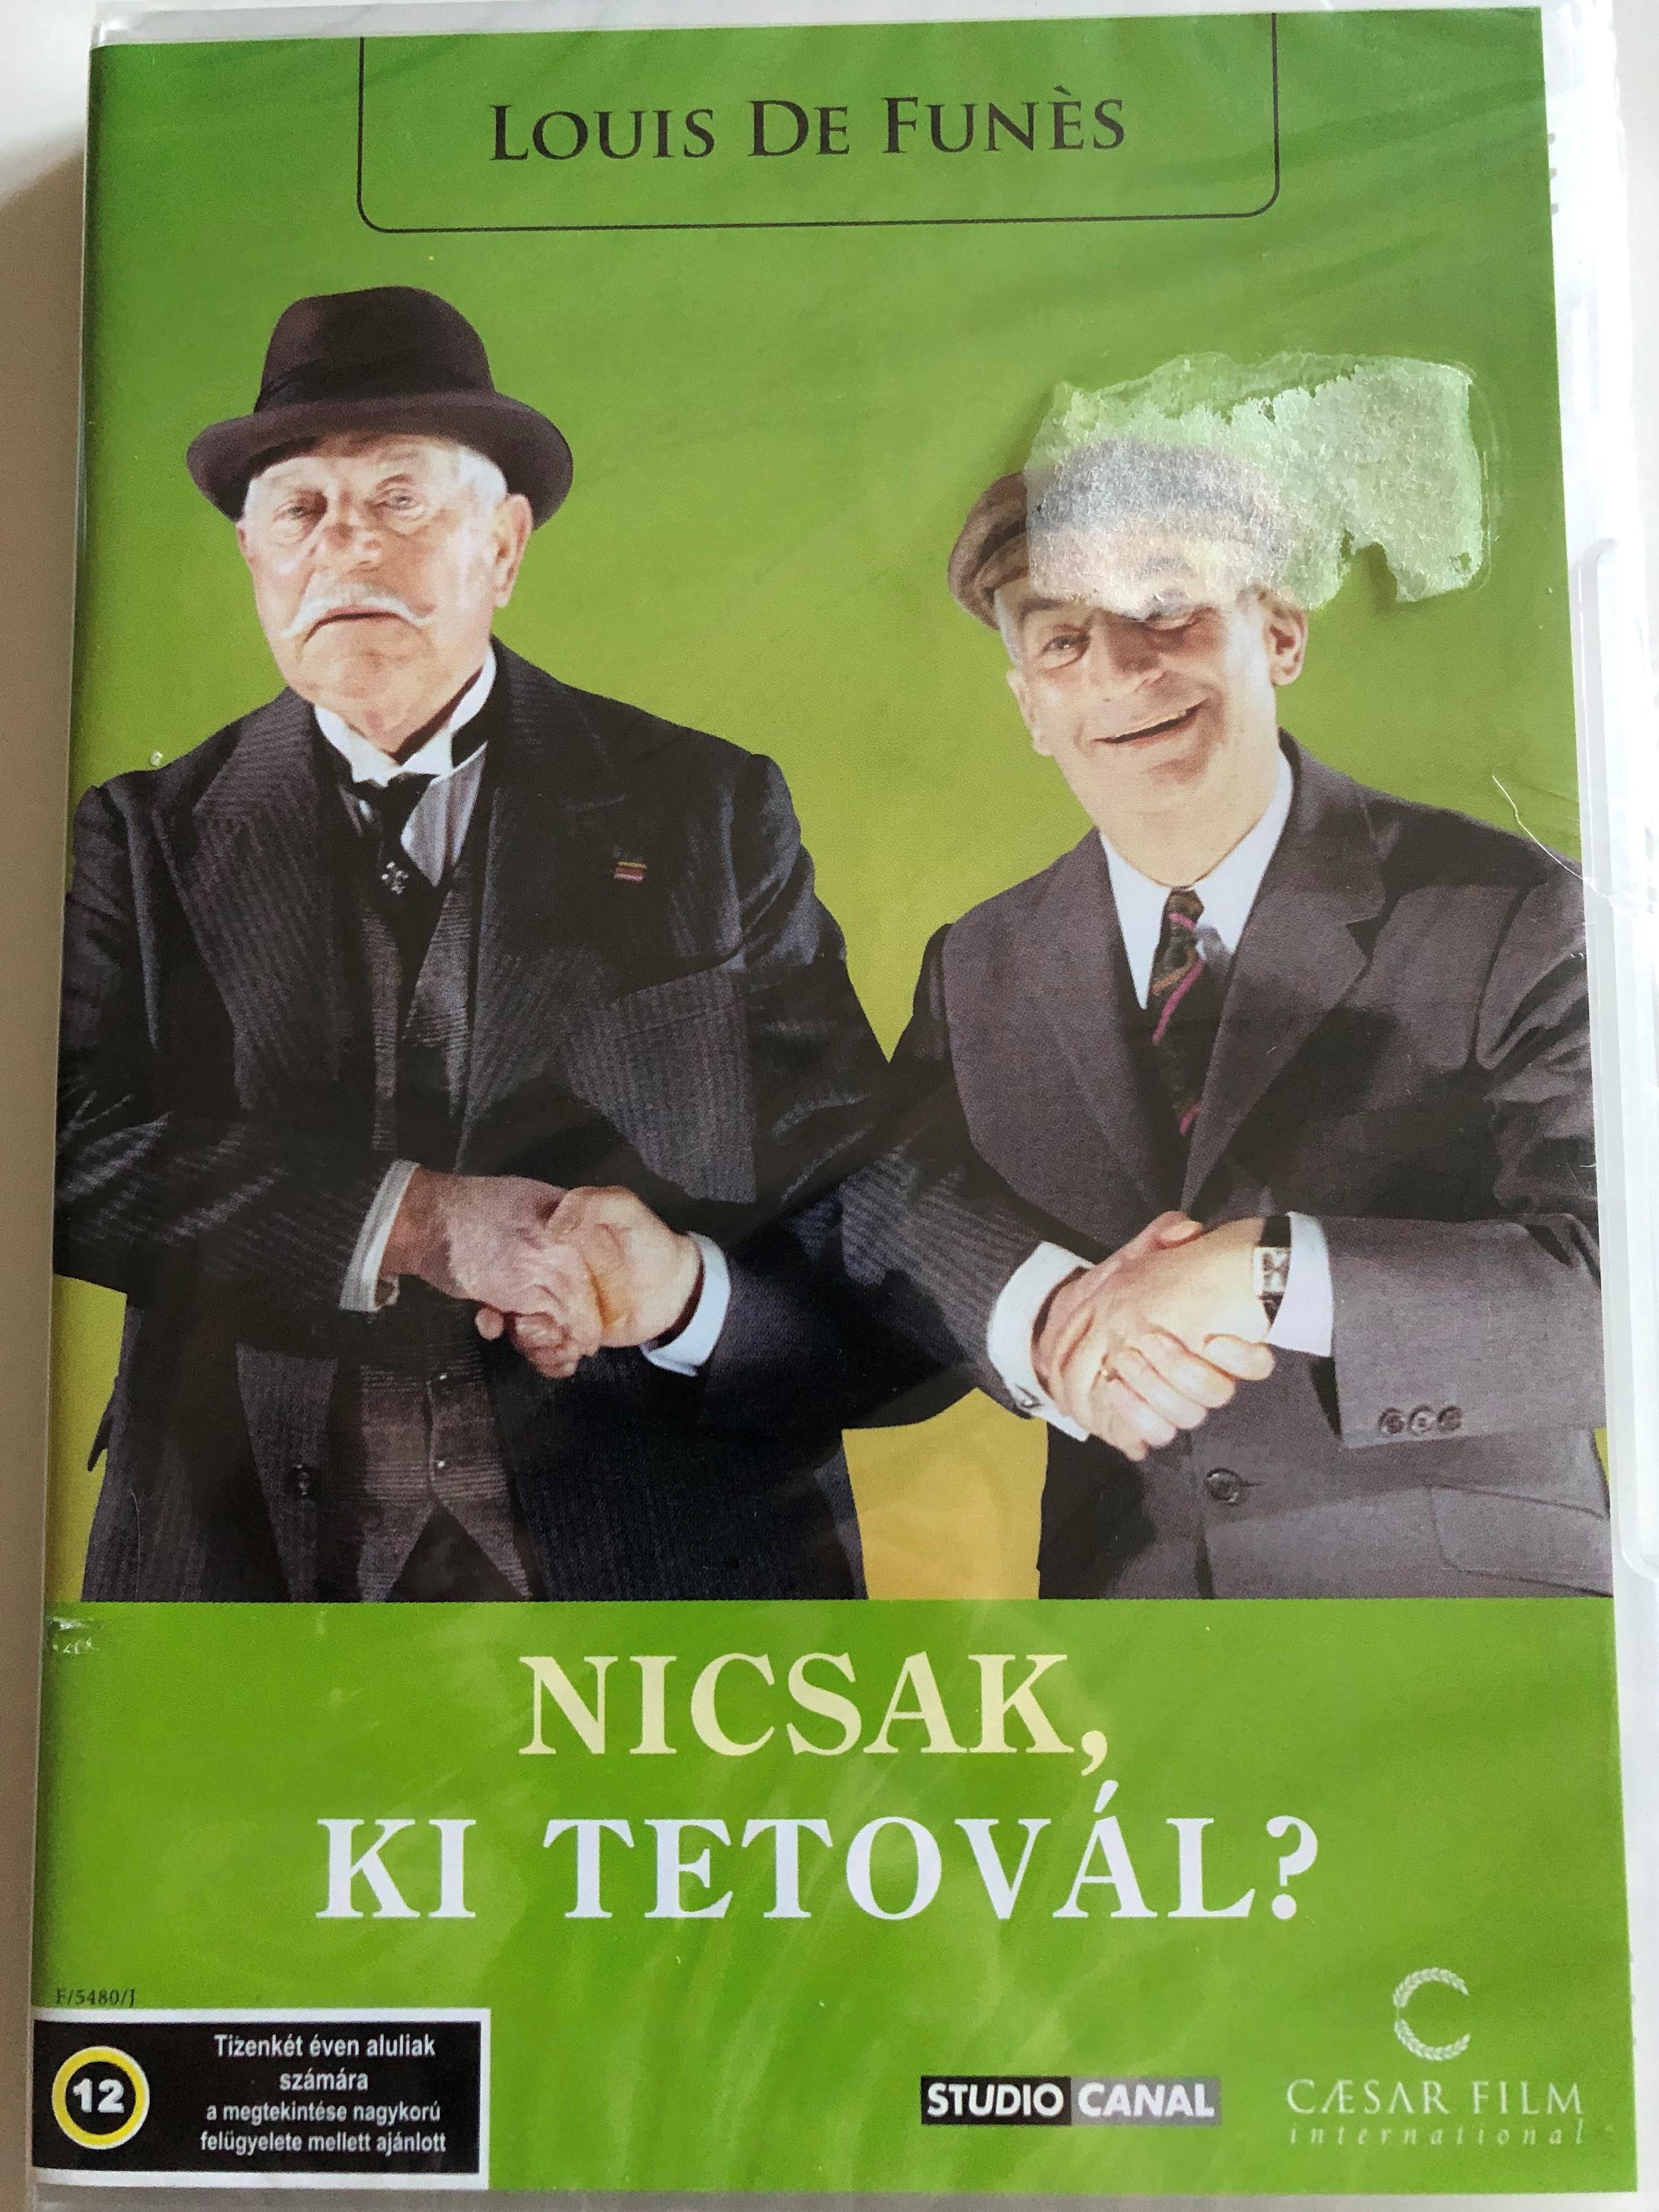 le-tatou-dvd-1968-nicsak-ki-tetov-l-directed-by-denys-de-la-patelli-re-1.jpg